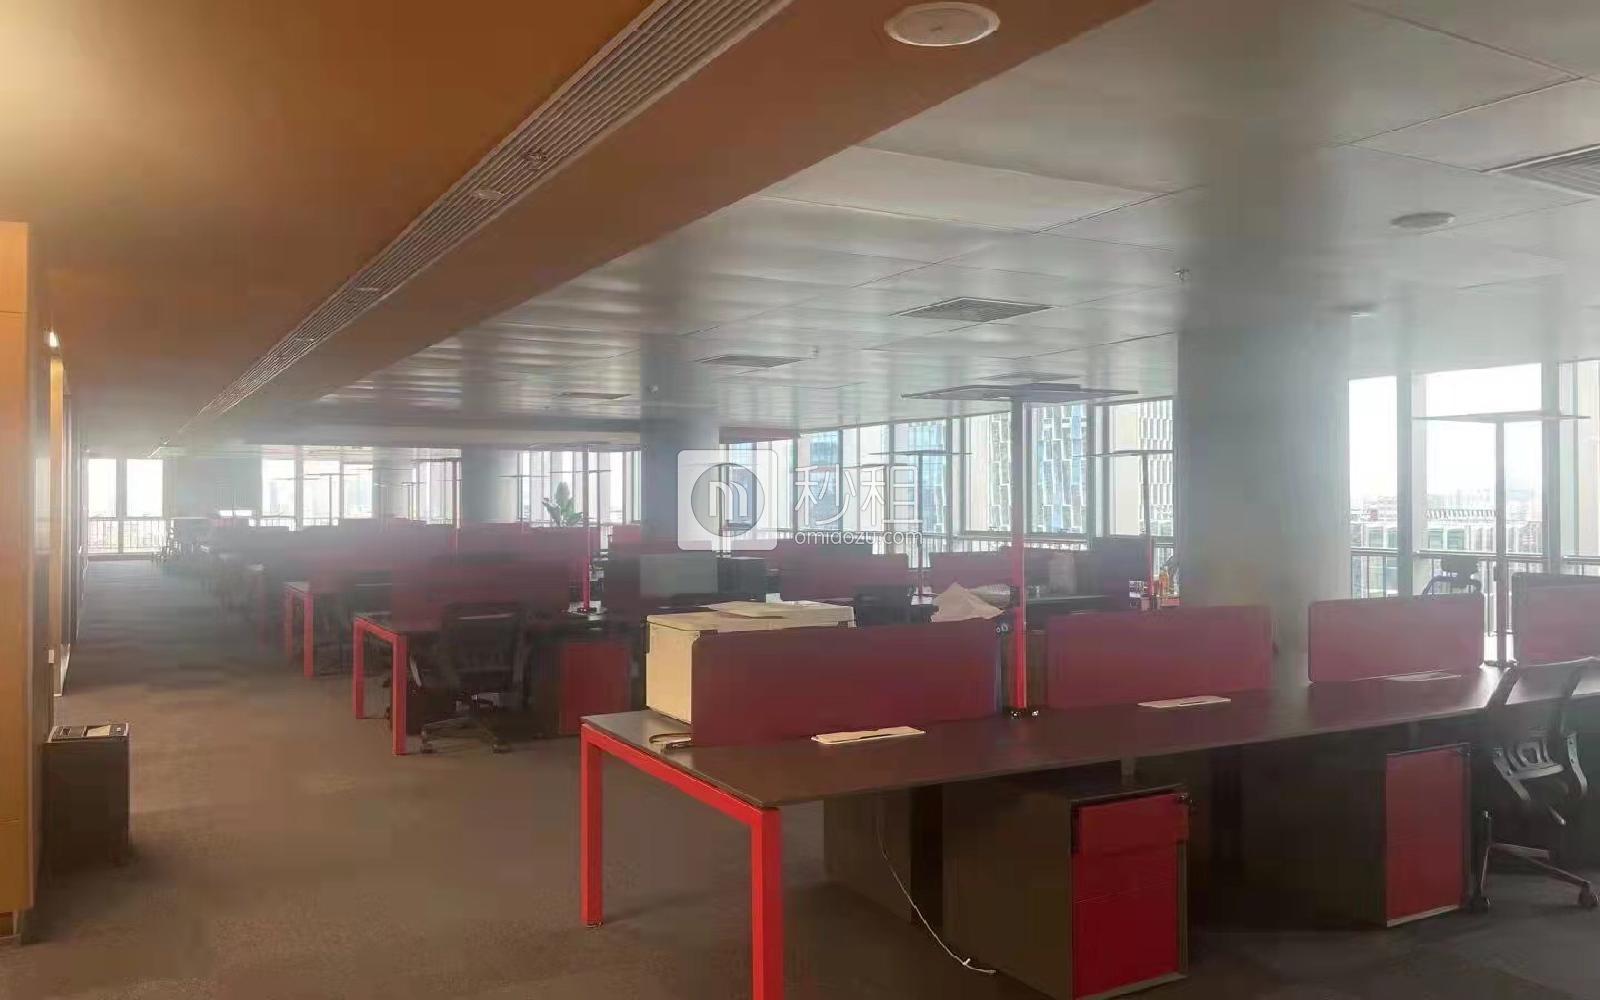 南山-后海 天威信息大厦(有线信息传输大厦) 1428m²